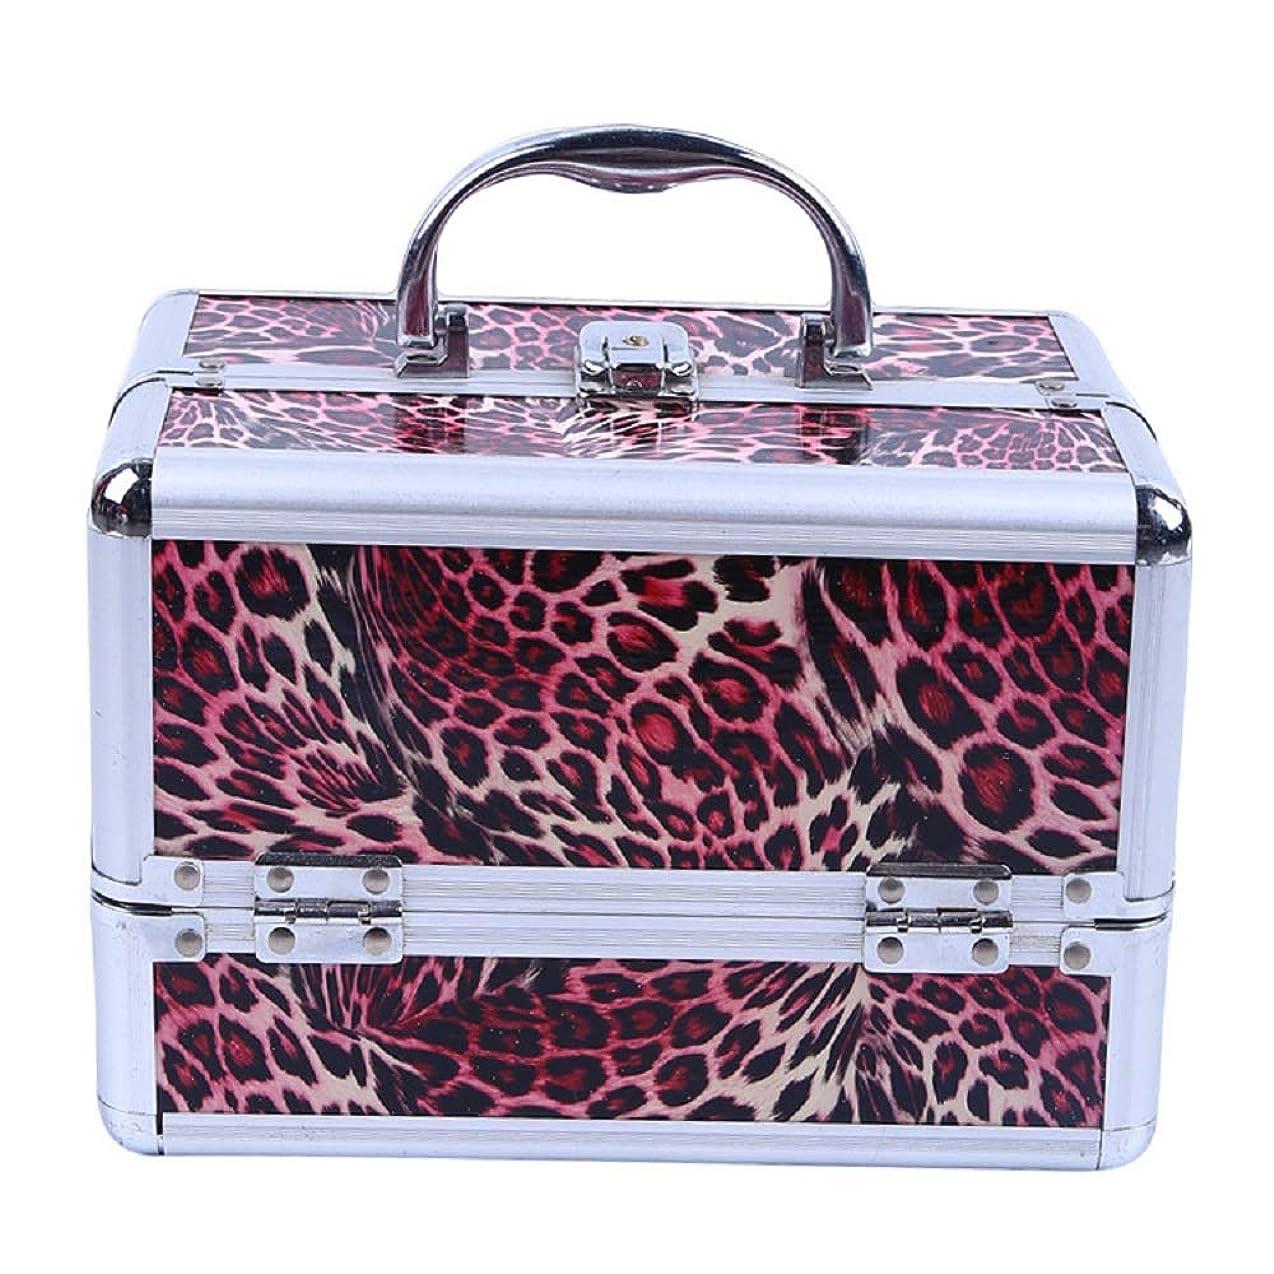 化粧オーガナイザーバッグ ヒョウパターントラベルアクセサリーのポータブル化粧ケースシャンプーボディウォッシュパーソナルアイテムロックと拡張トレイ付きストレージ 化粧品ケース